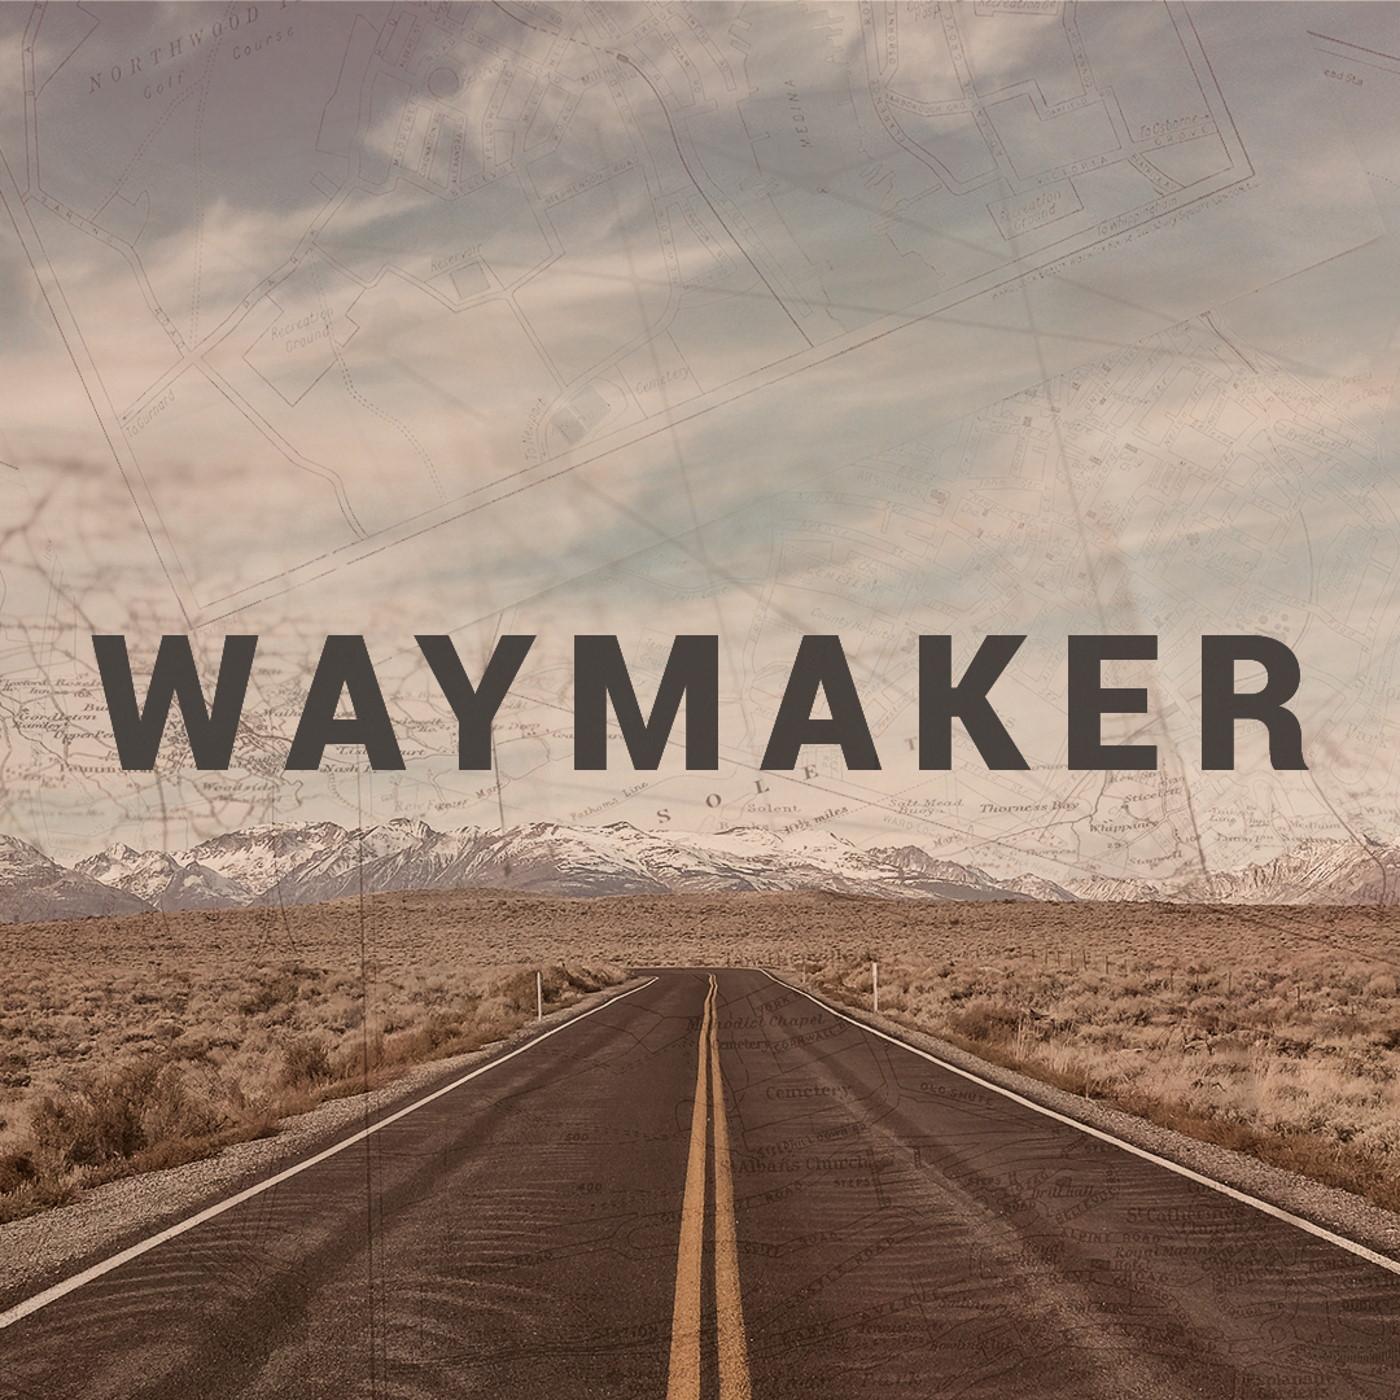 Waymaker - Teil 5 Das Wichtigste: Gottes Gegenwart [video]